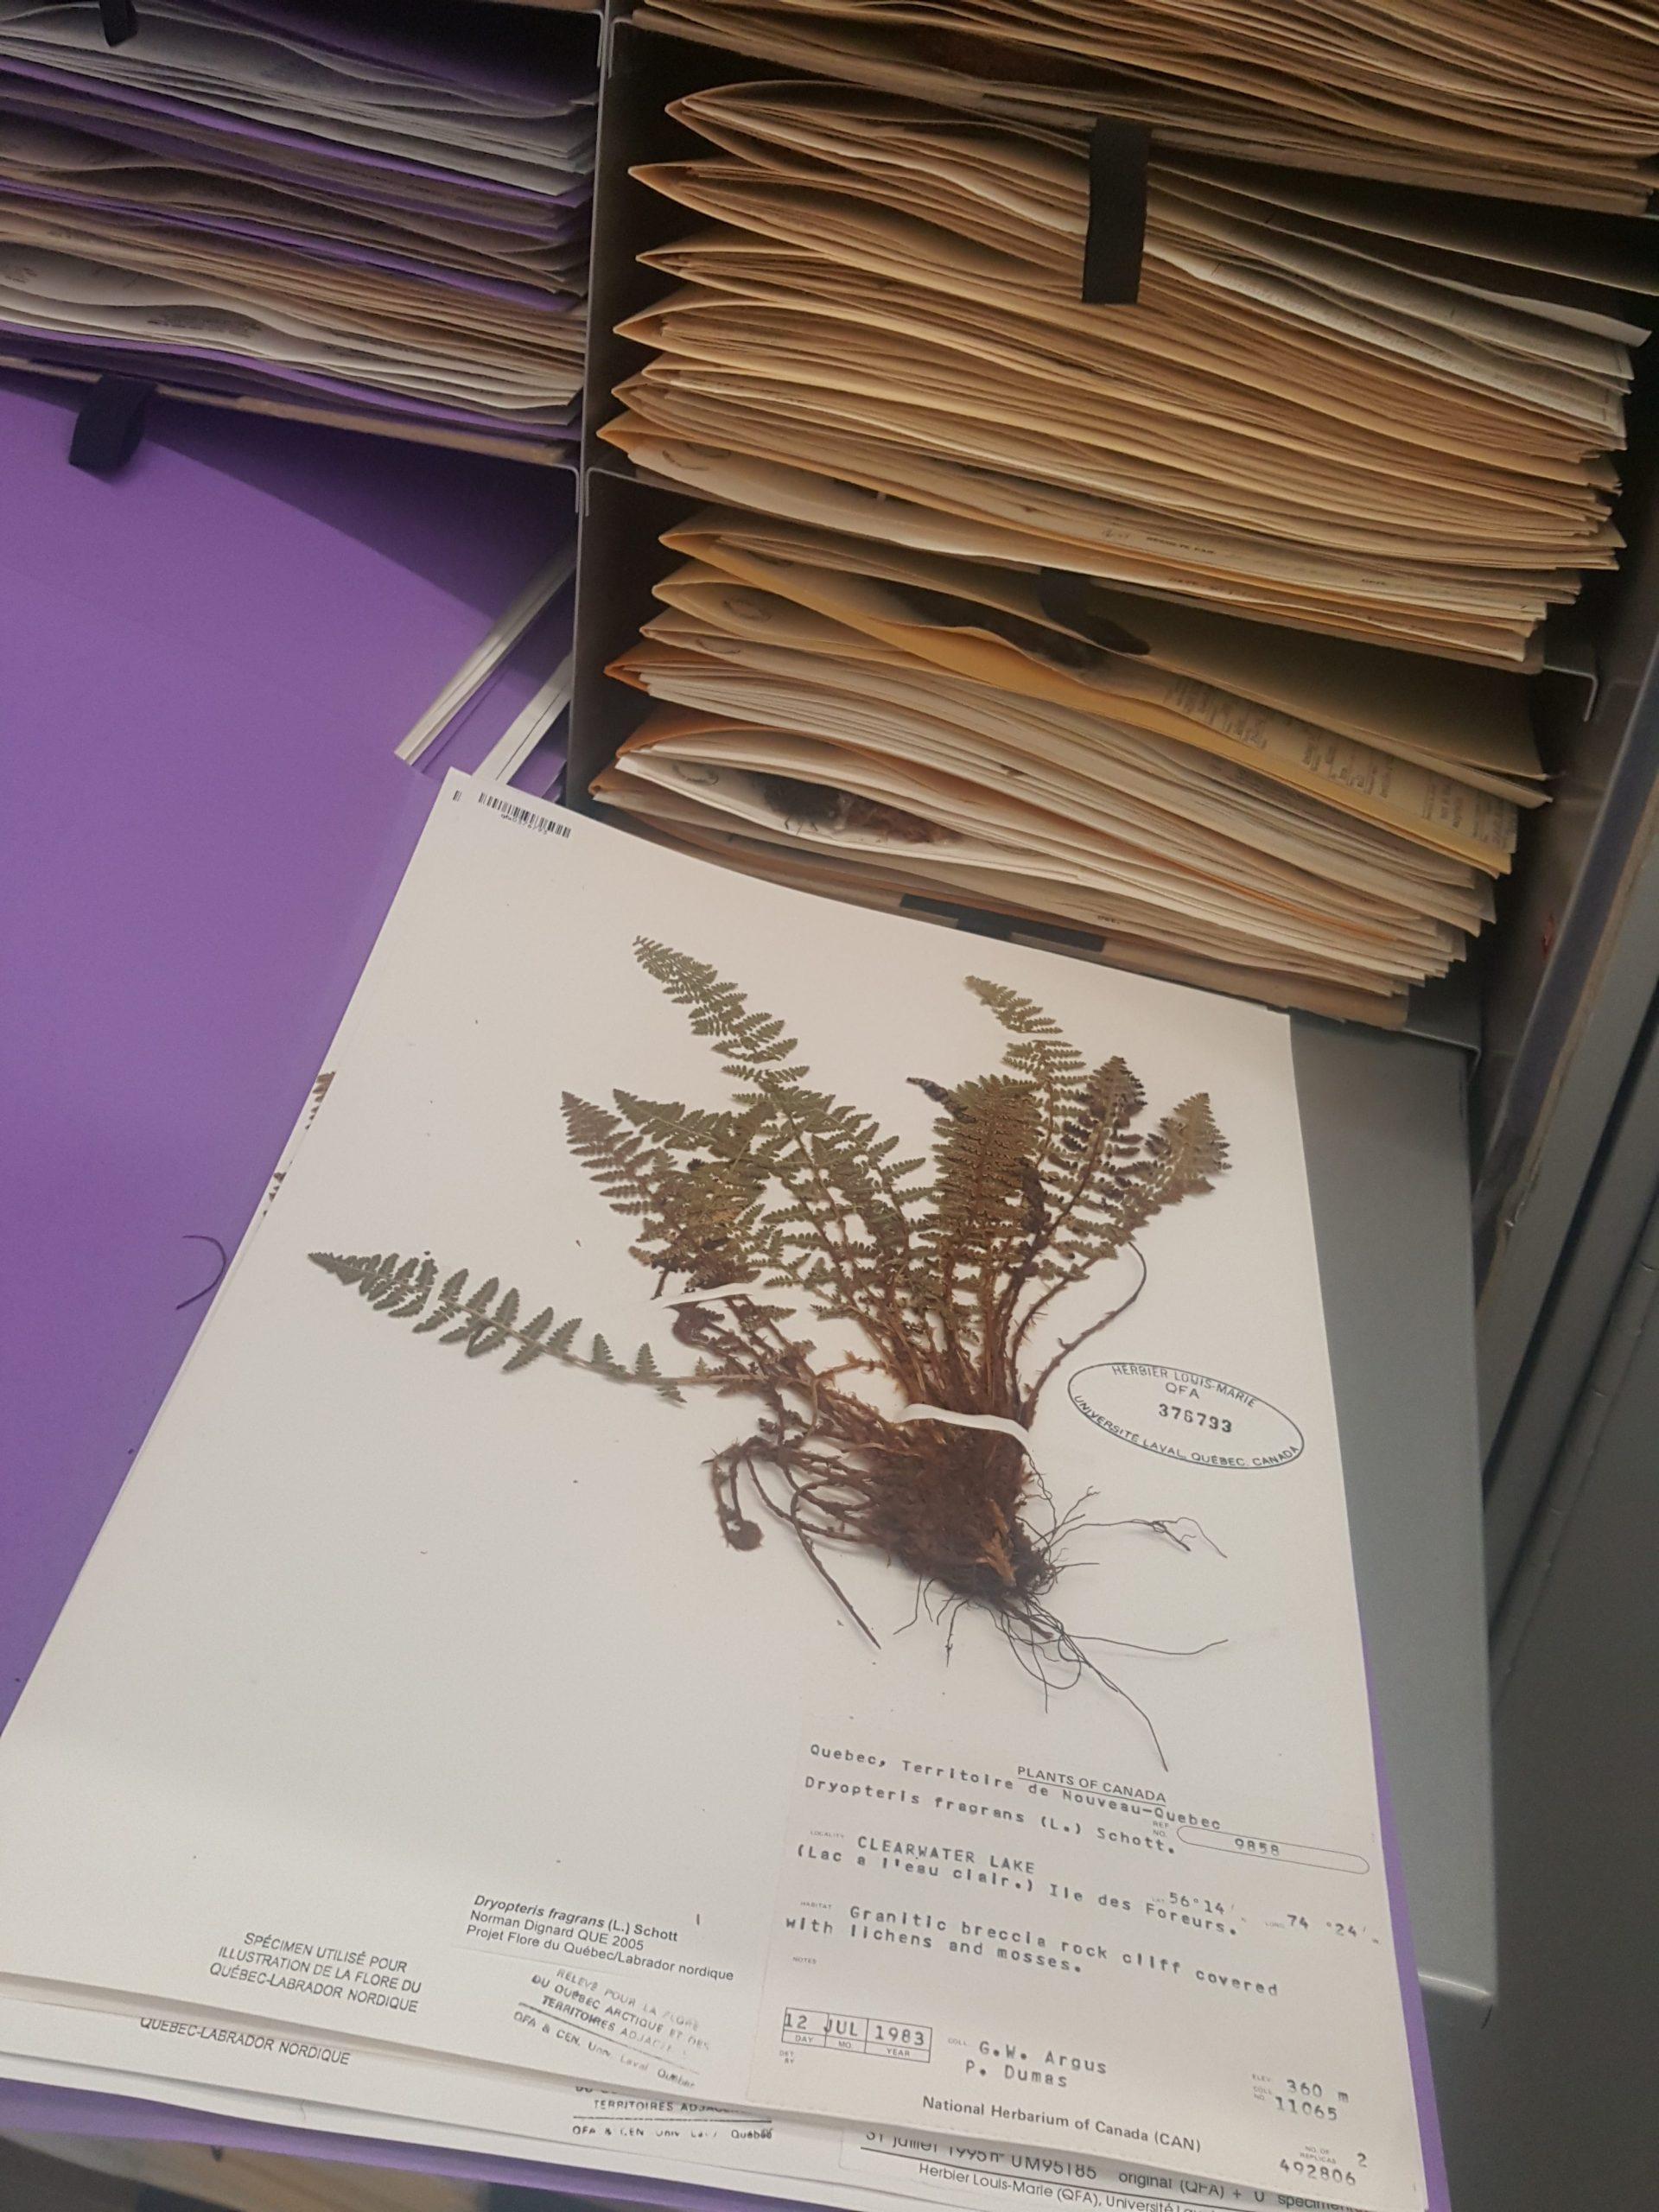 Plante. Fougère. Dryopteris fragrans (L.) Schott. du lac à l'Eau Claire. Photo : Élisabeth Bossert.